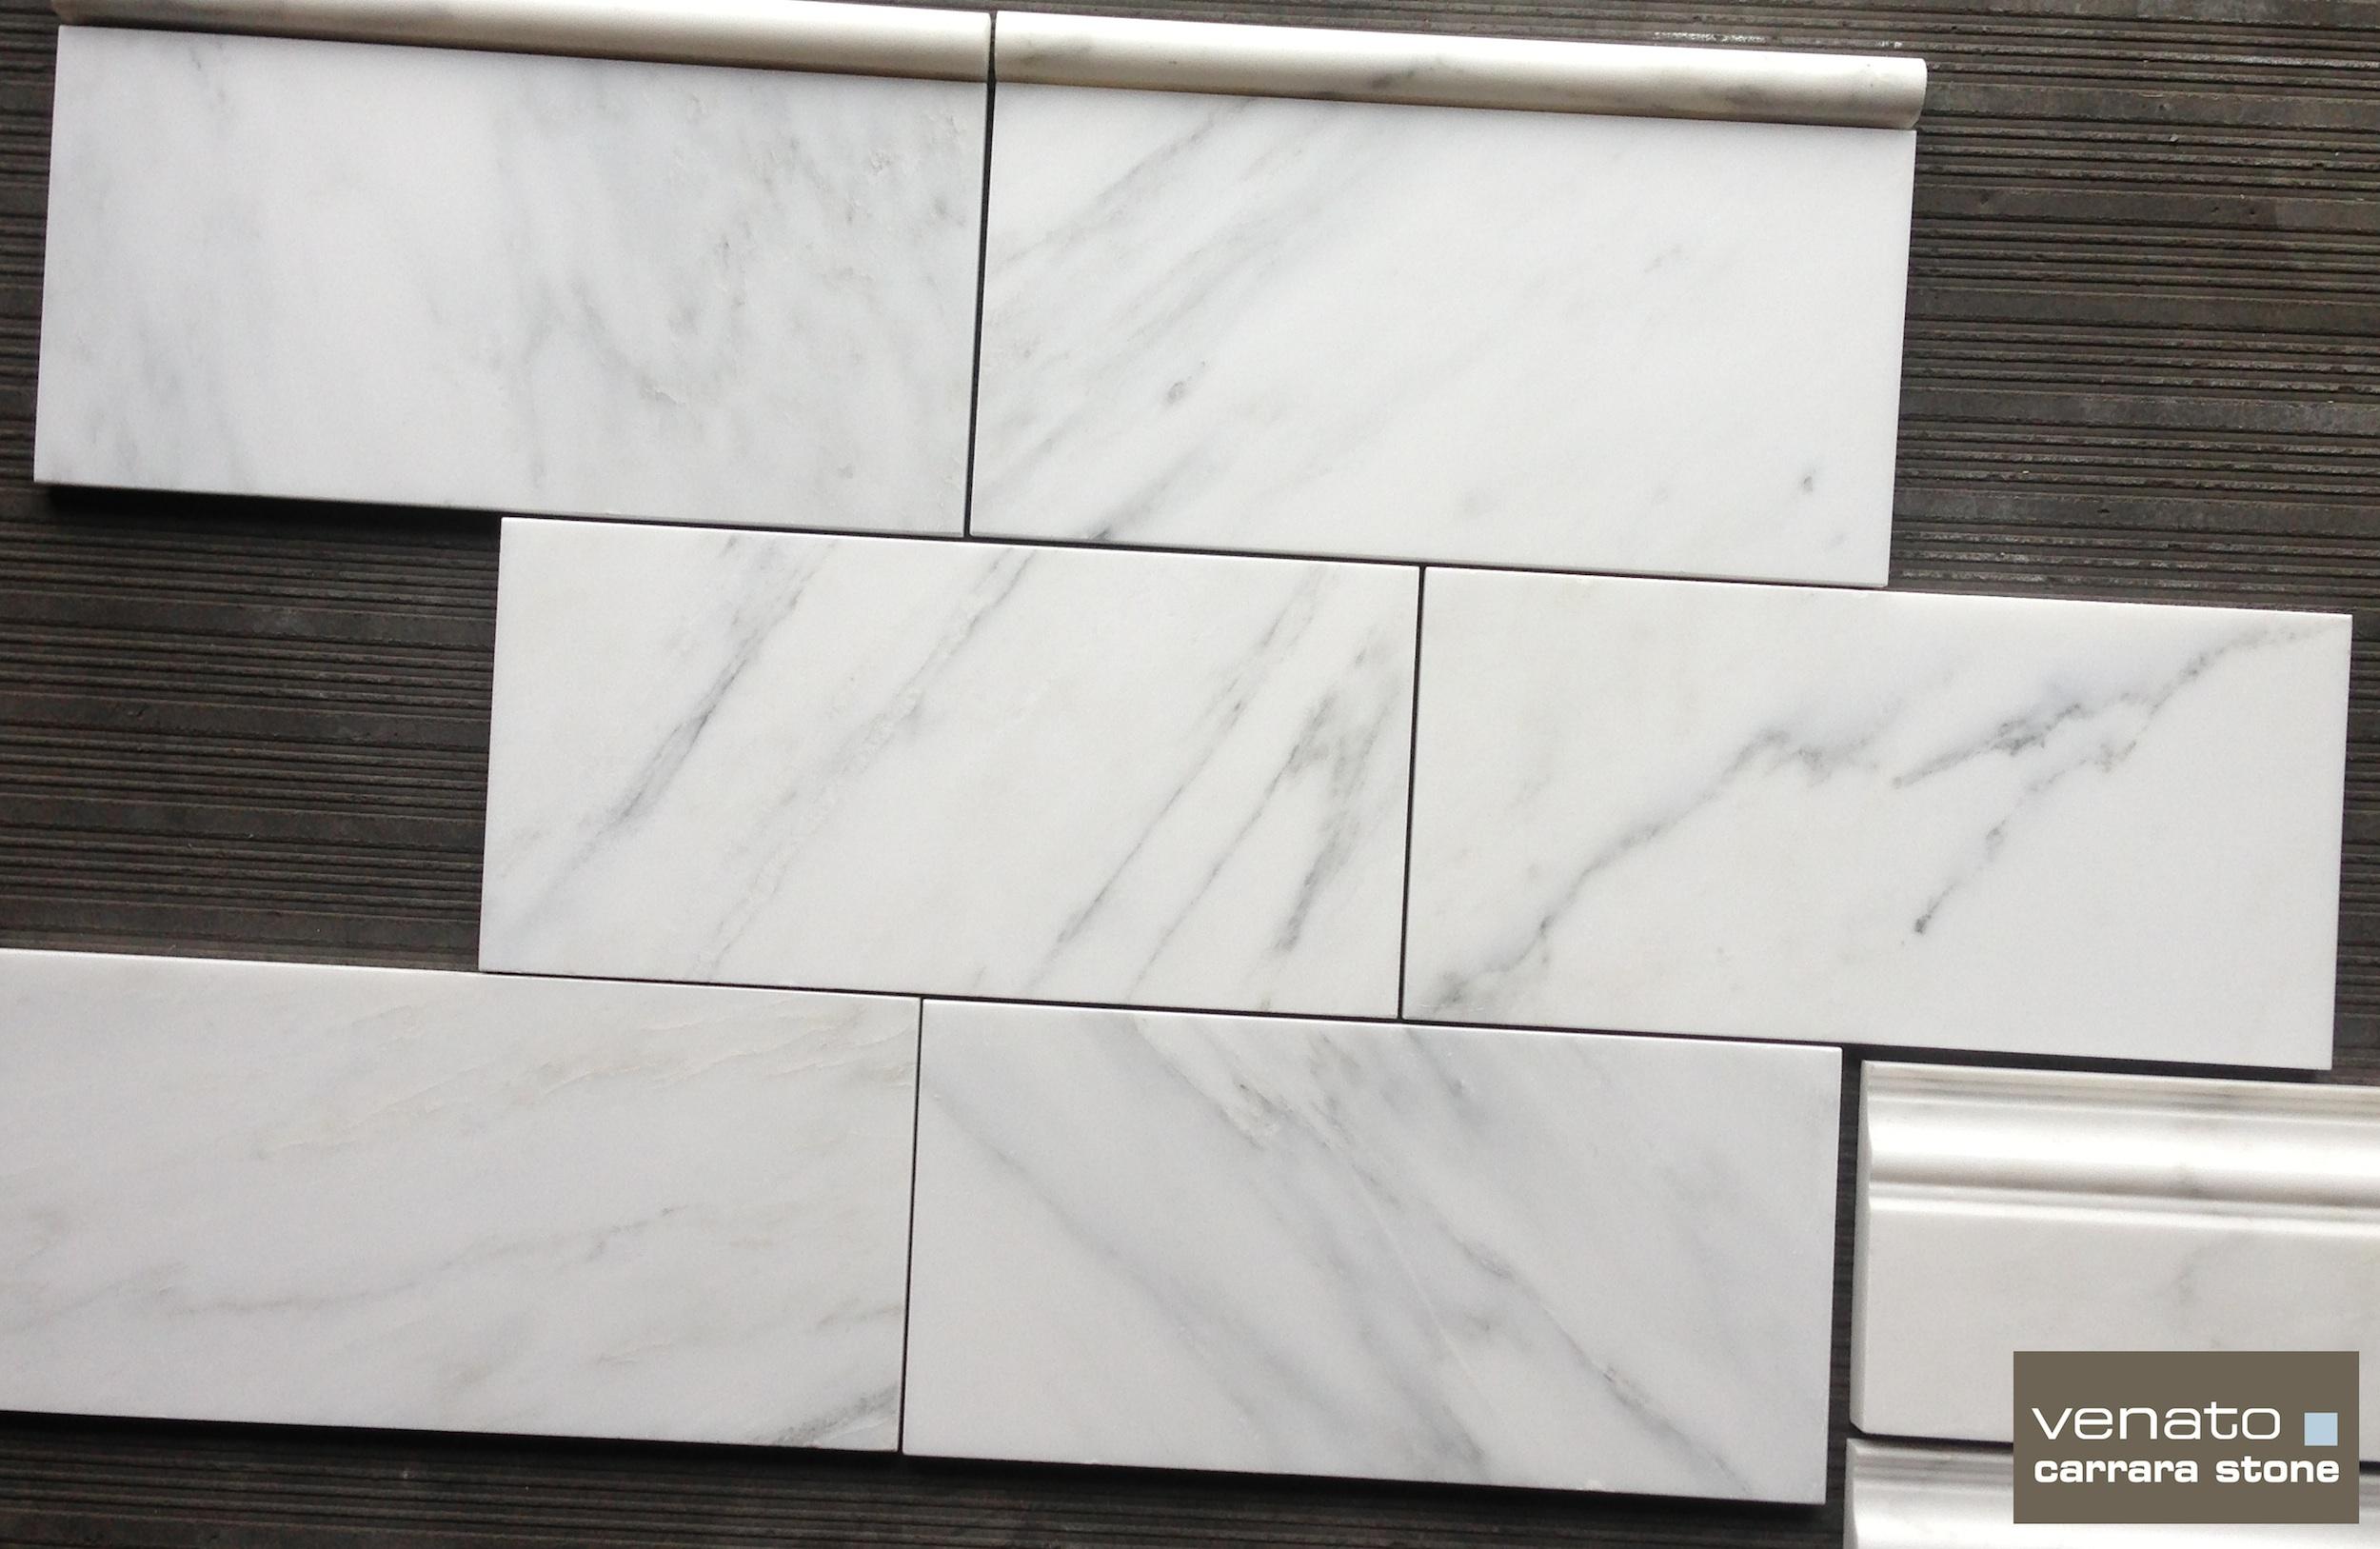 Venato 612 Marble Tile The Builder Depot Blog